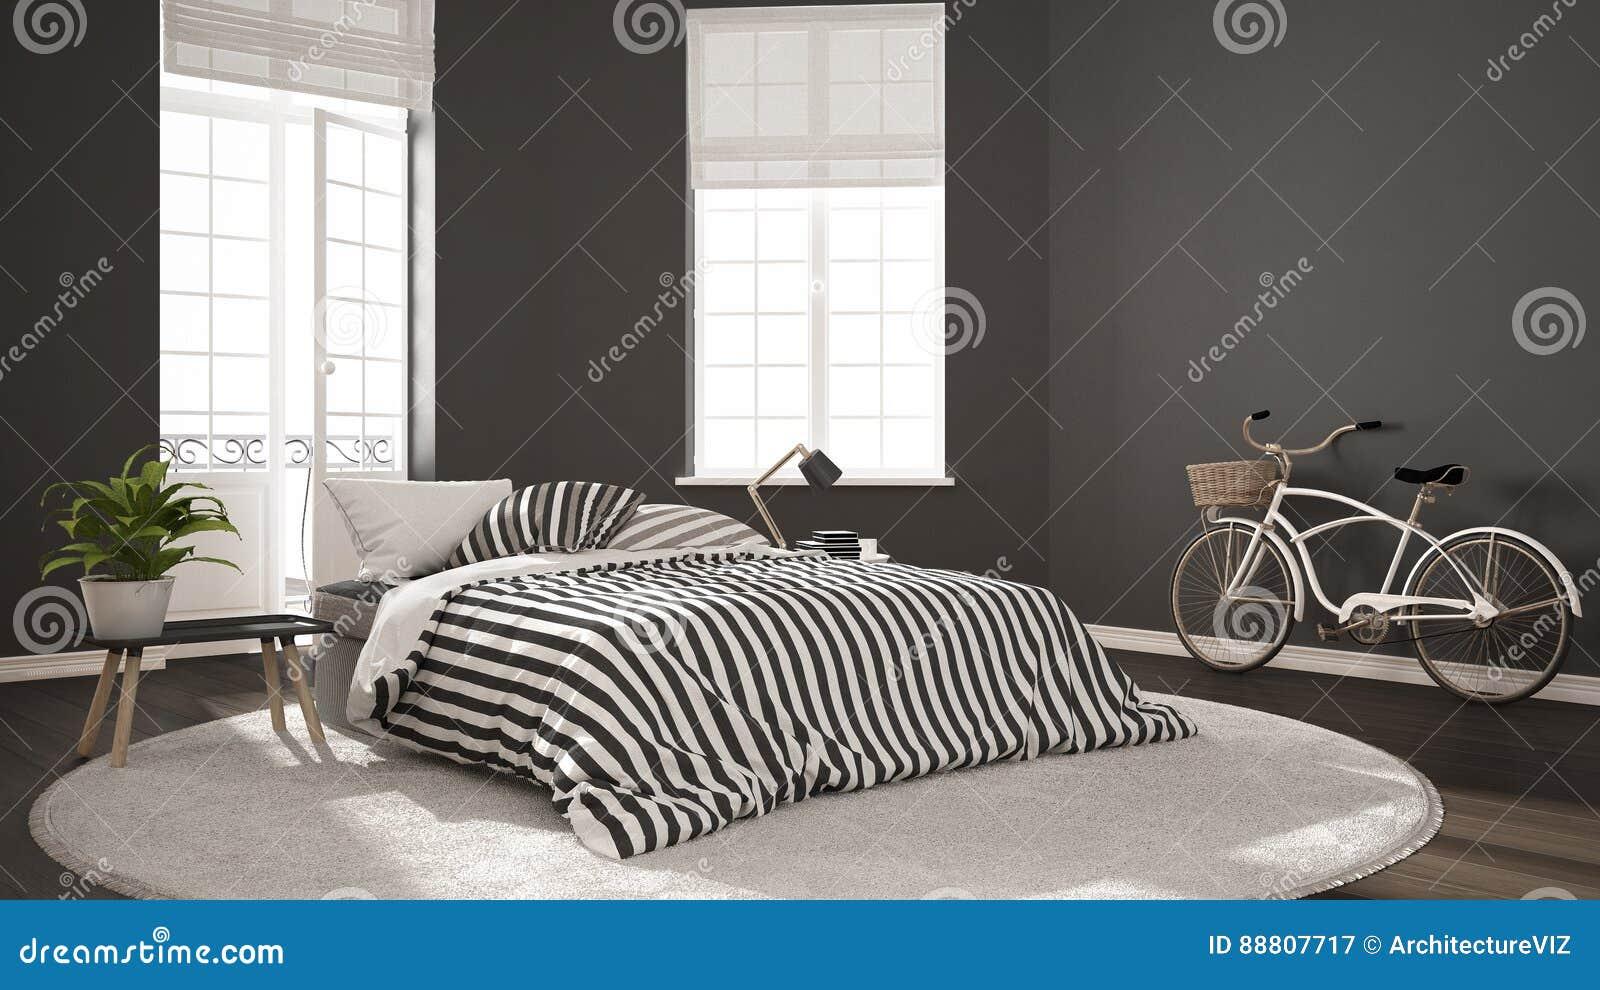 Camere Da Letto Nordiche : Camera da letto moderna scandinava minimalista interno nordico